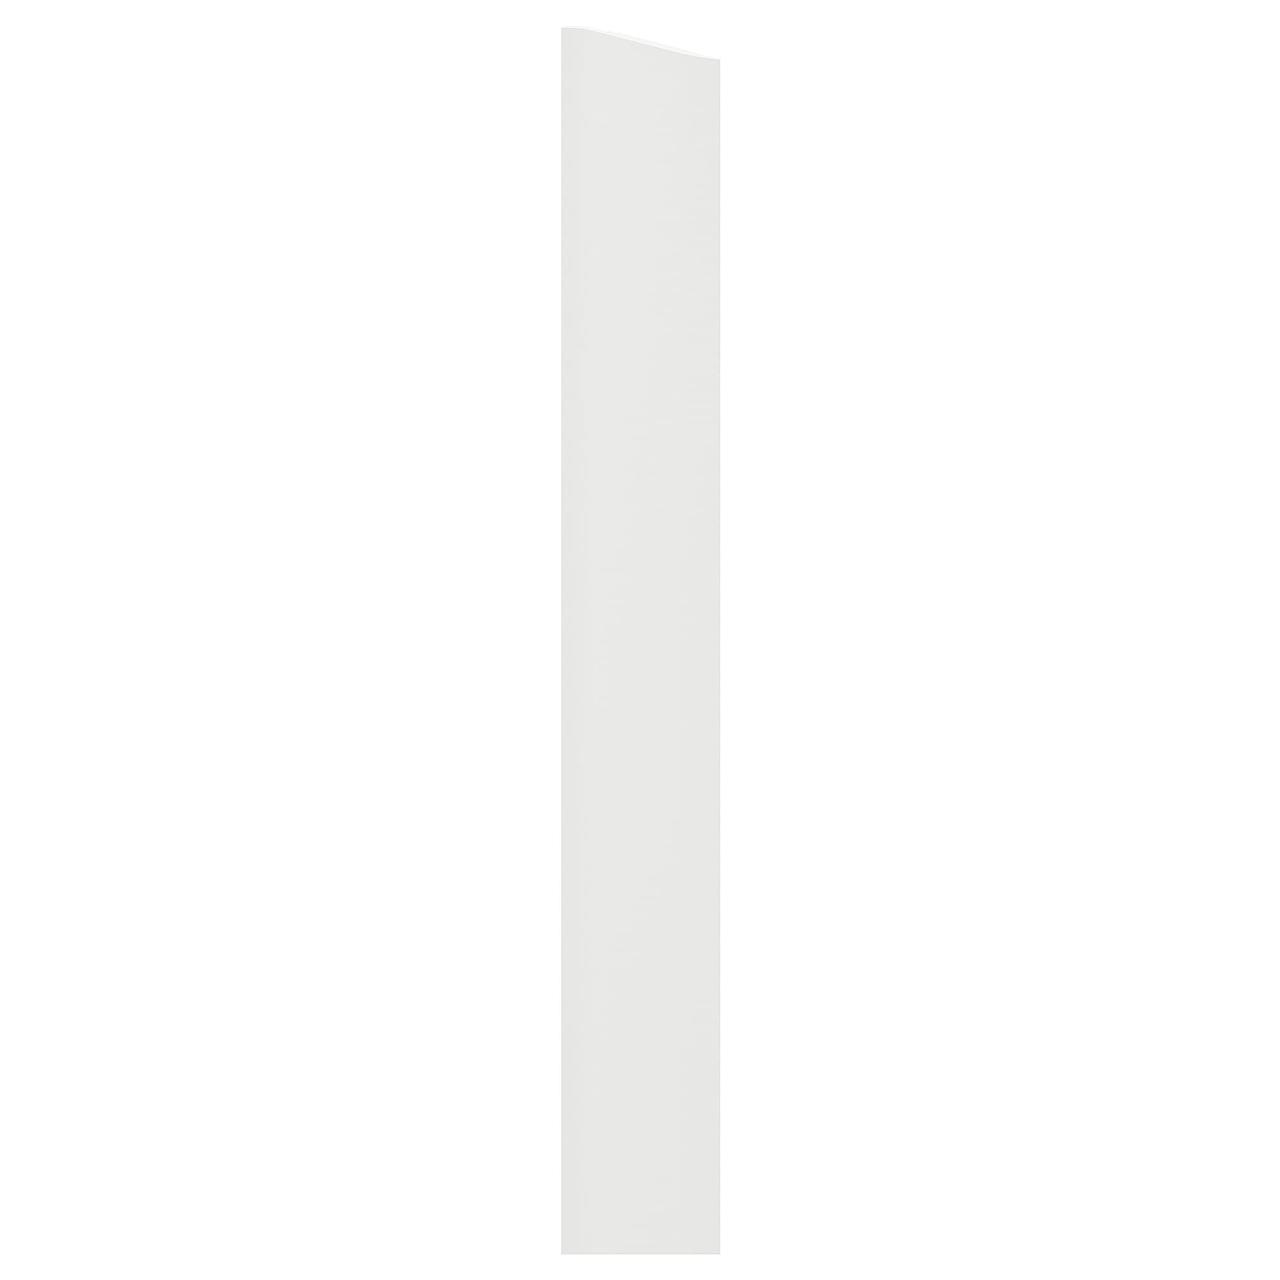 IKEA METOD ( 102.448.42)